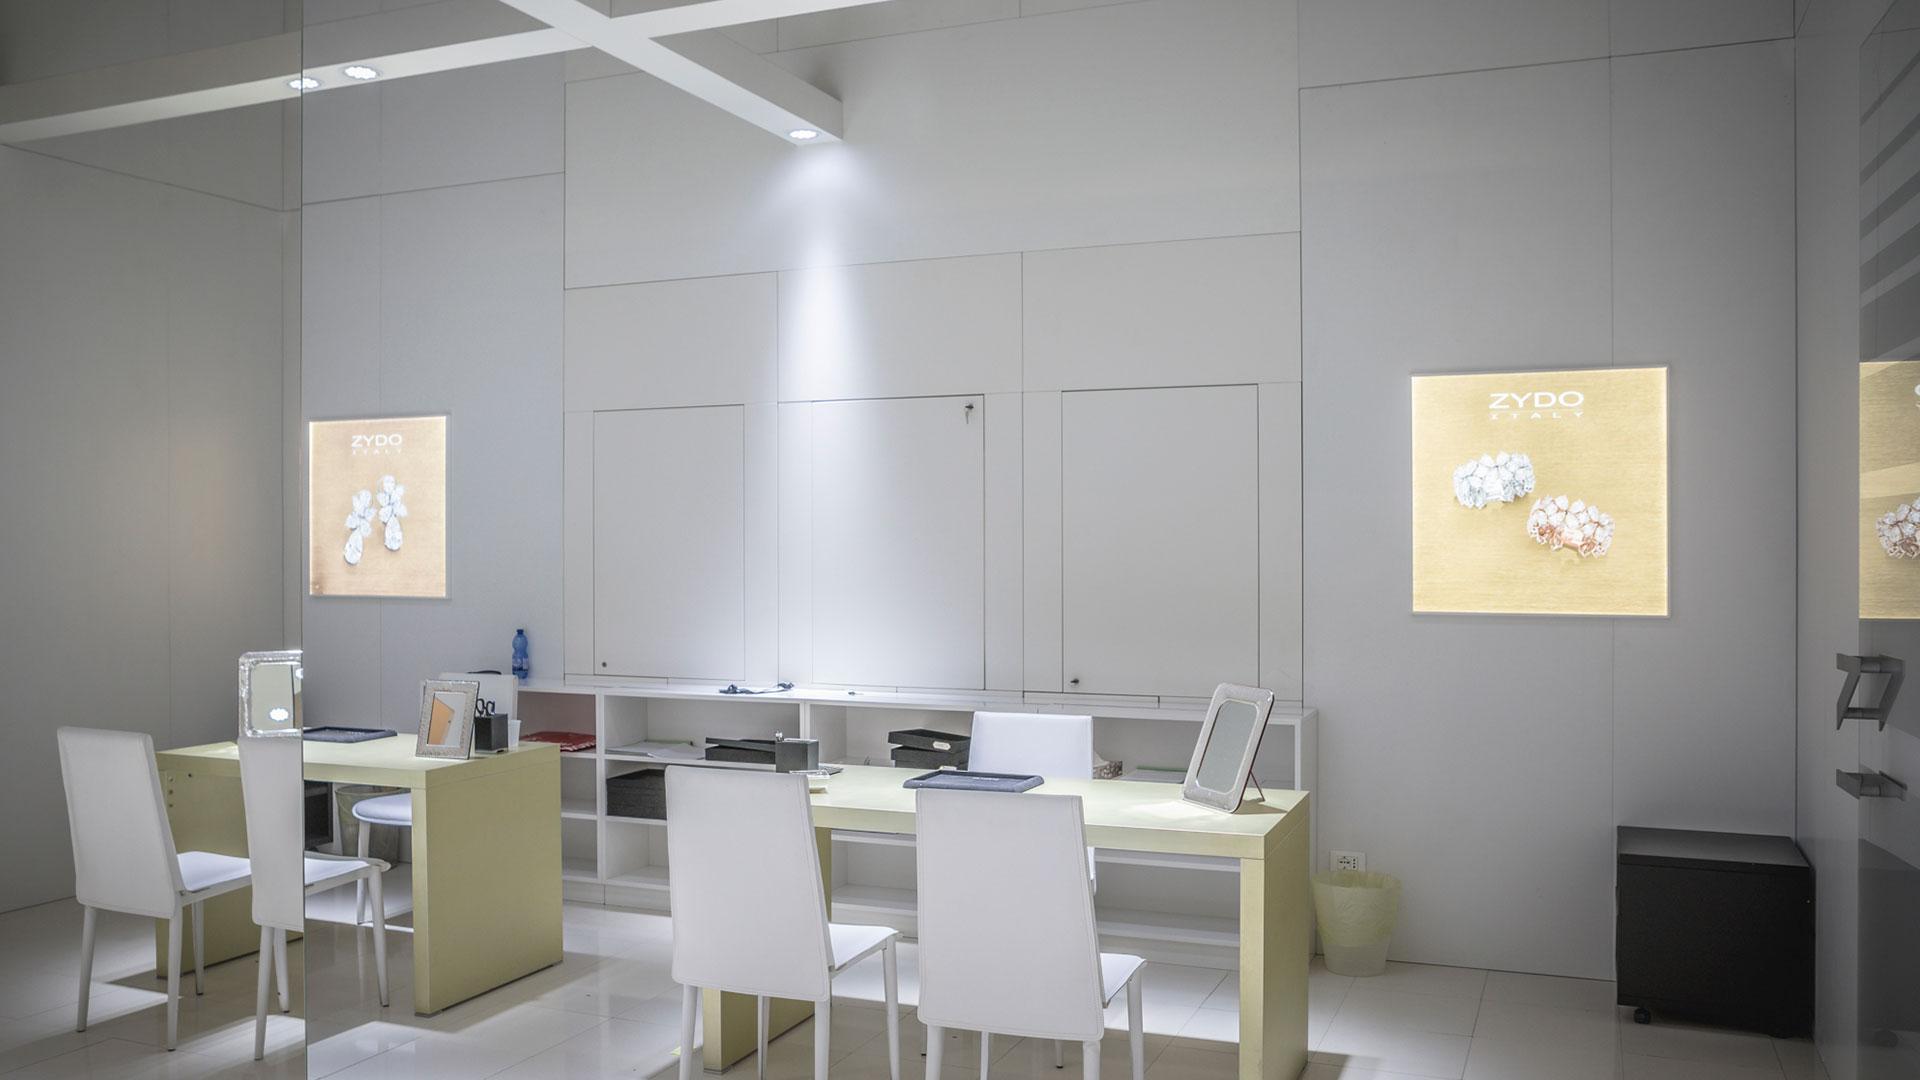 Realizzazione stand fiere VicenzaOro - Zydo | Foster Allestimenti 05